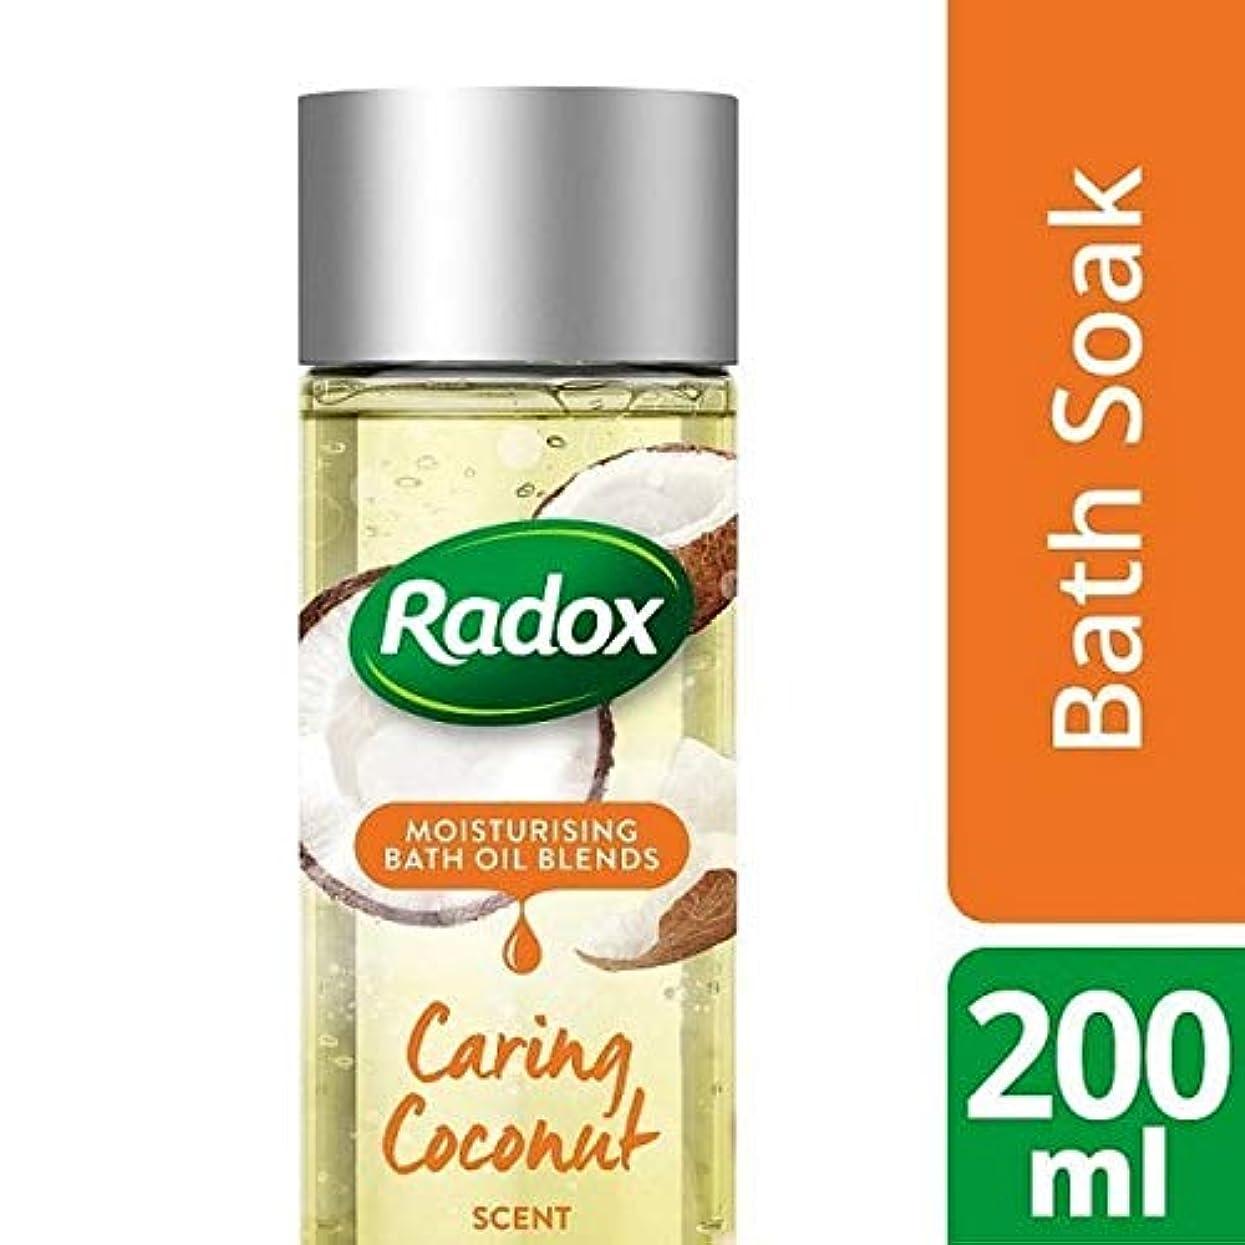 準備した感染するあさり[Radox] Radoxのバスオイル思いやりのあるココナッツの香りの200ミリリットル - Radox Bath Oil Caring Coconut Scent 200ml [並行輸入品]